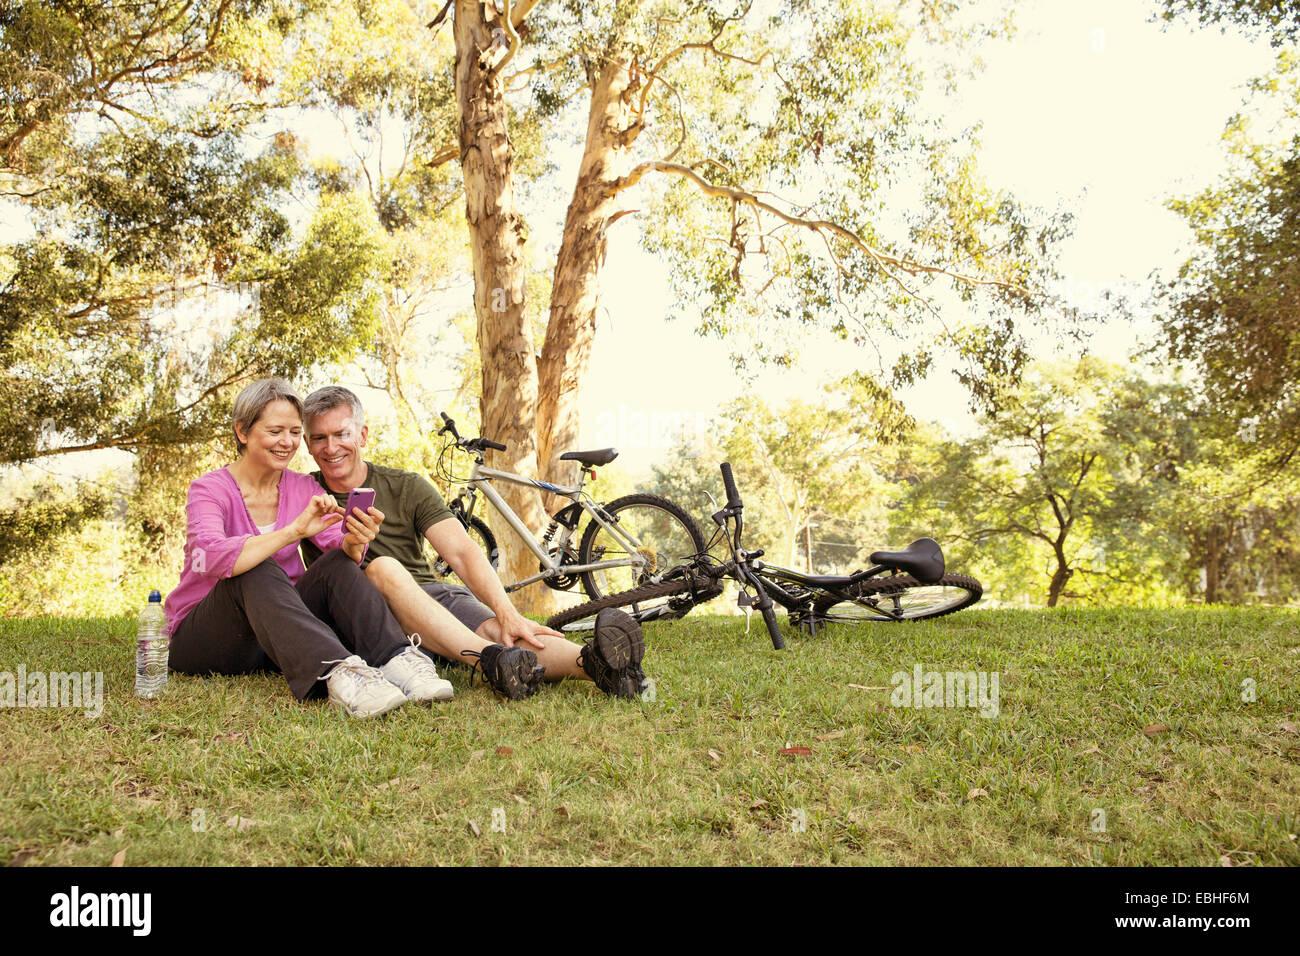 Ciclismo madura pareja sentada en el parque mirando el smartphone Imagen De Stock